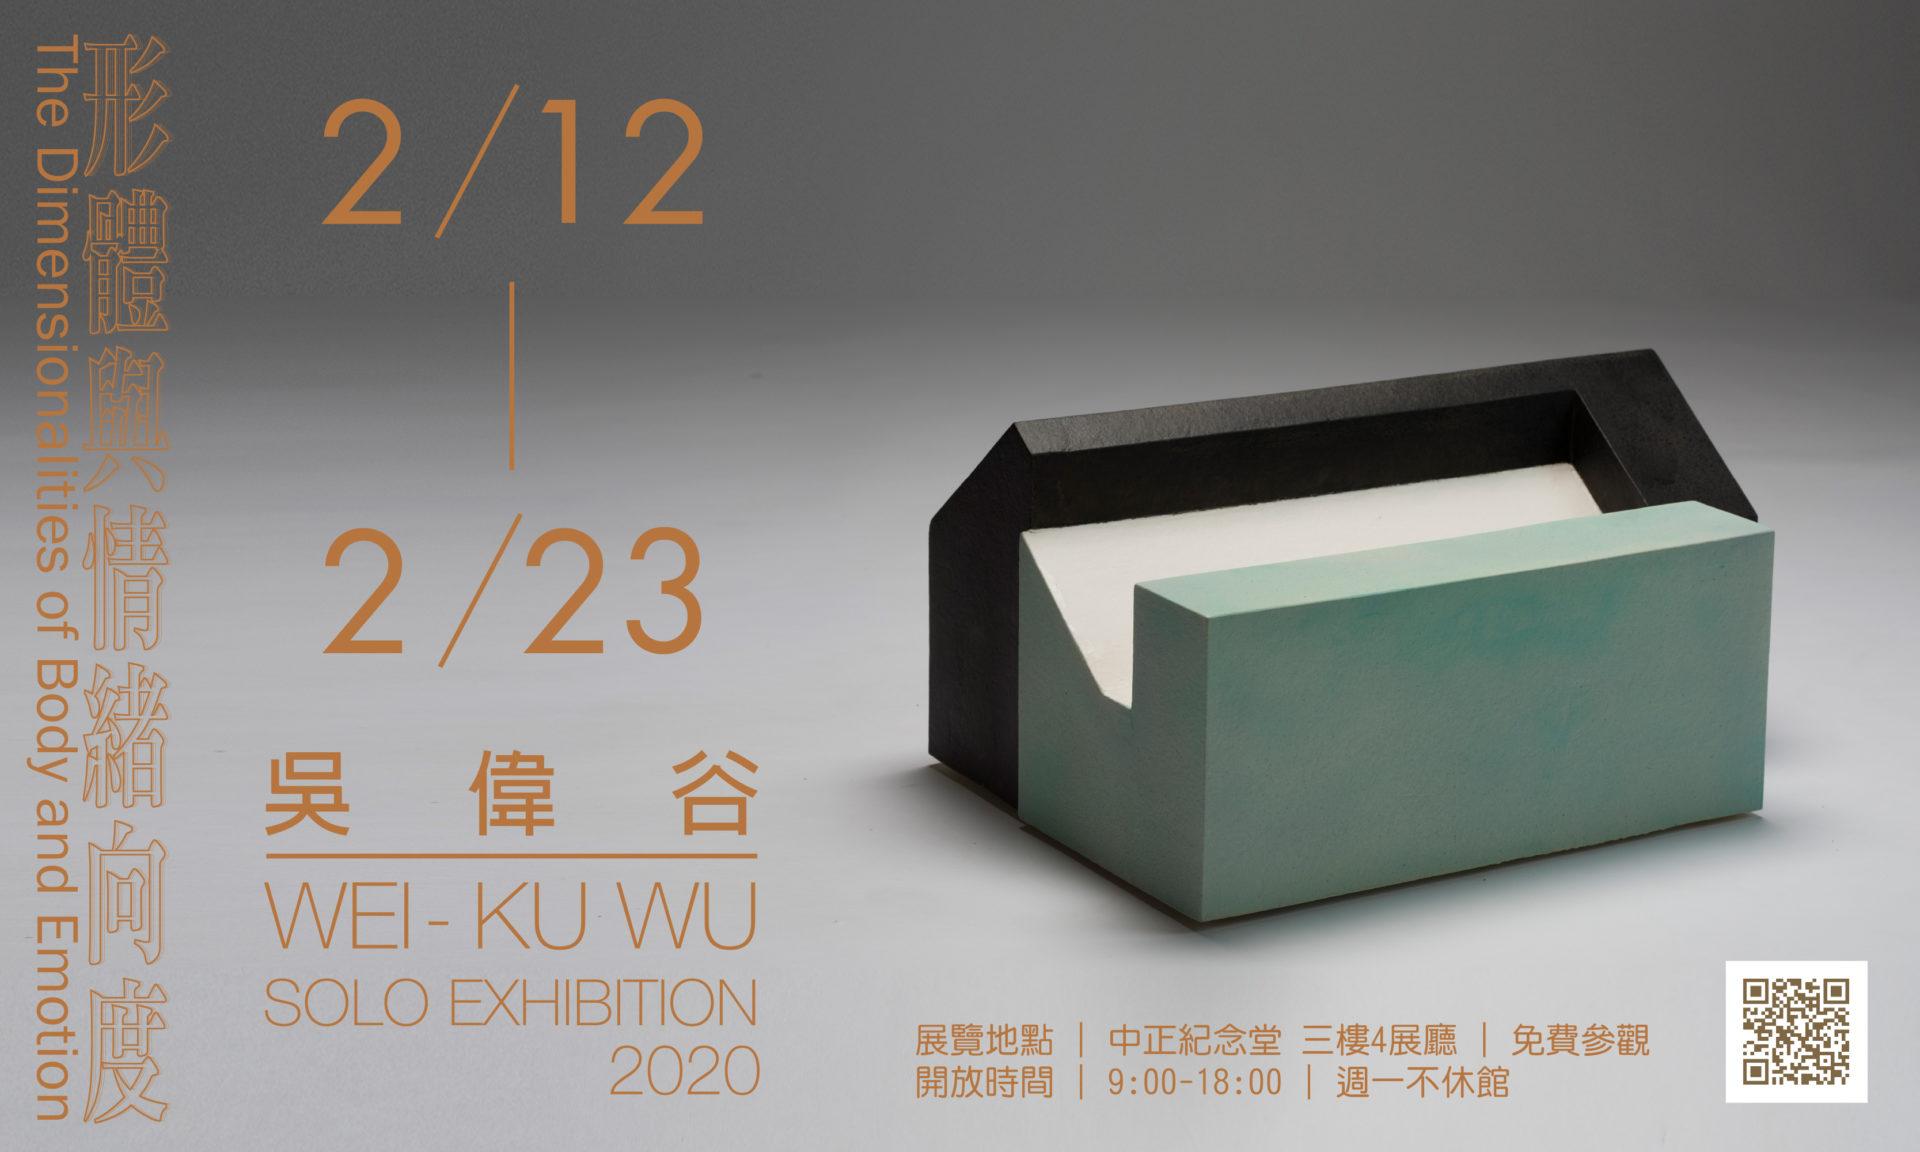 國立中正紀念堂管理處:2020/02/12-02/23【形體與情緒向度】